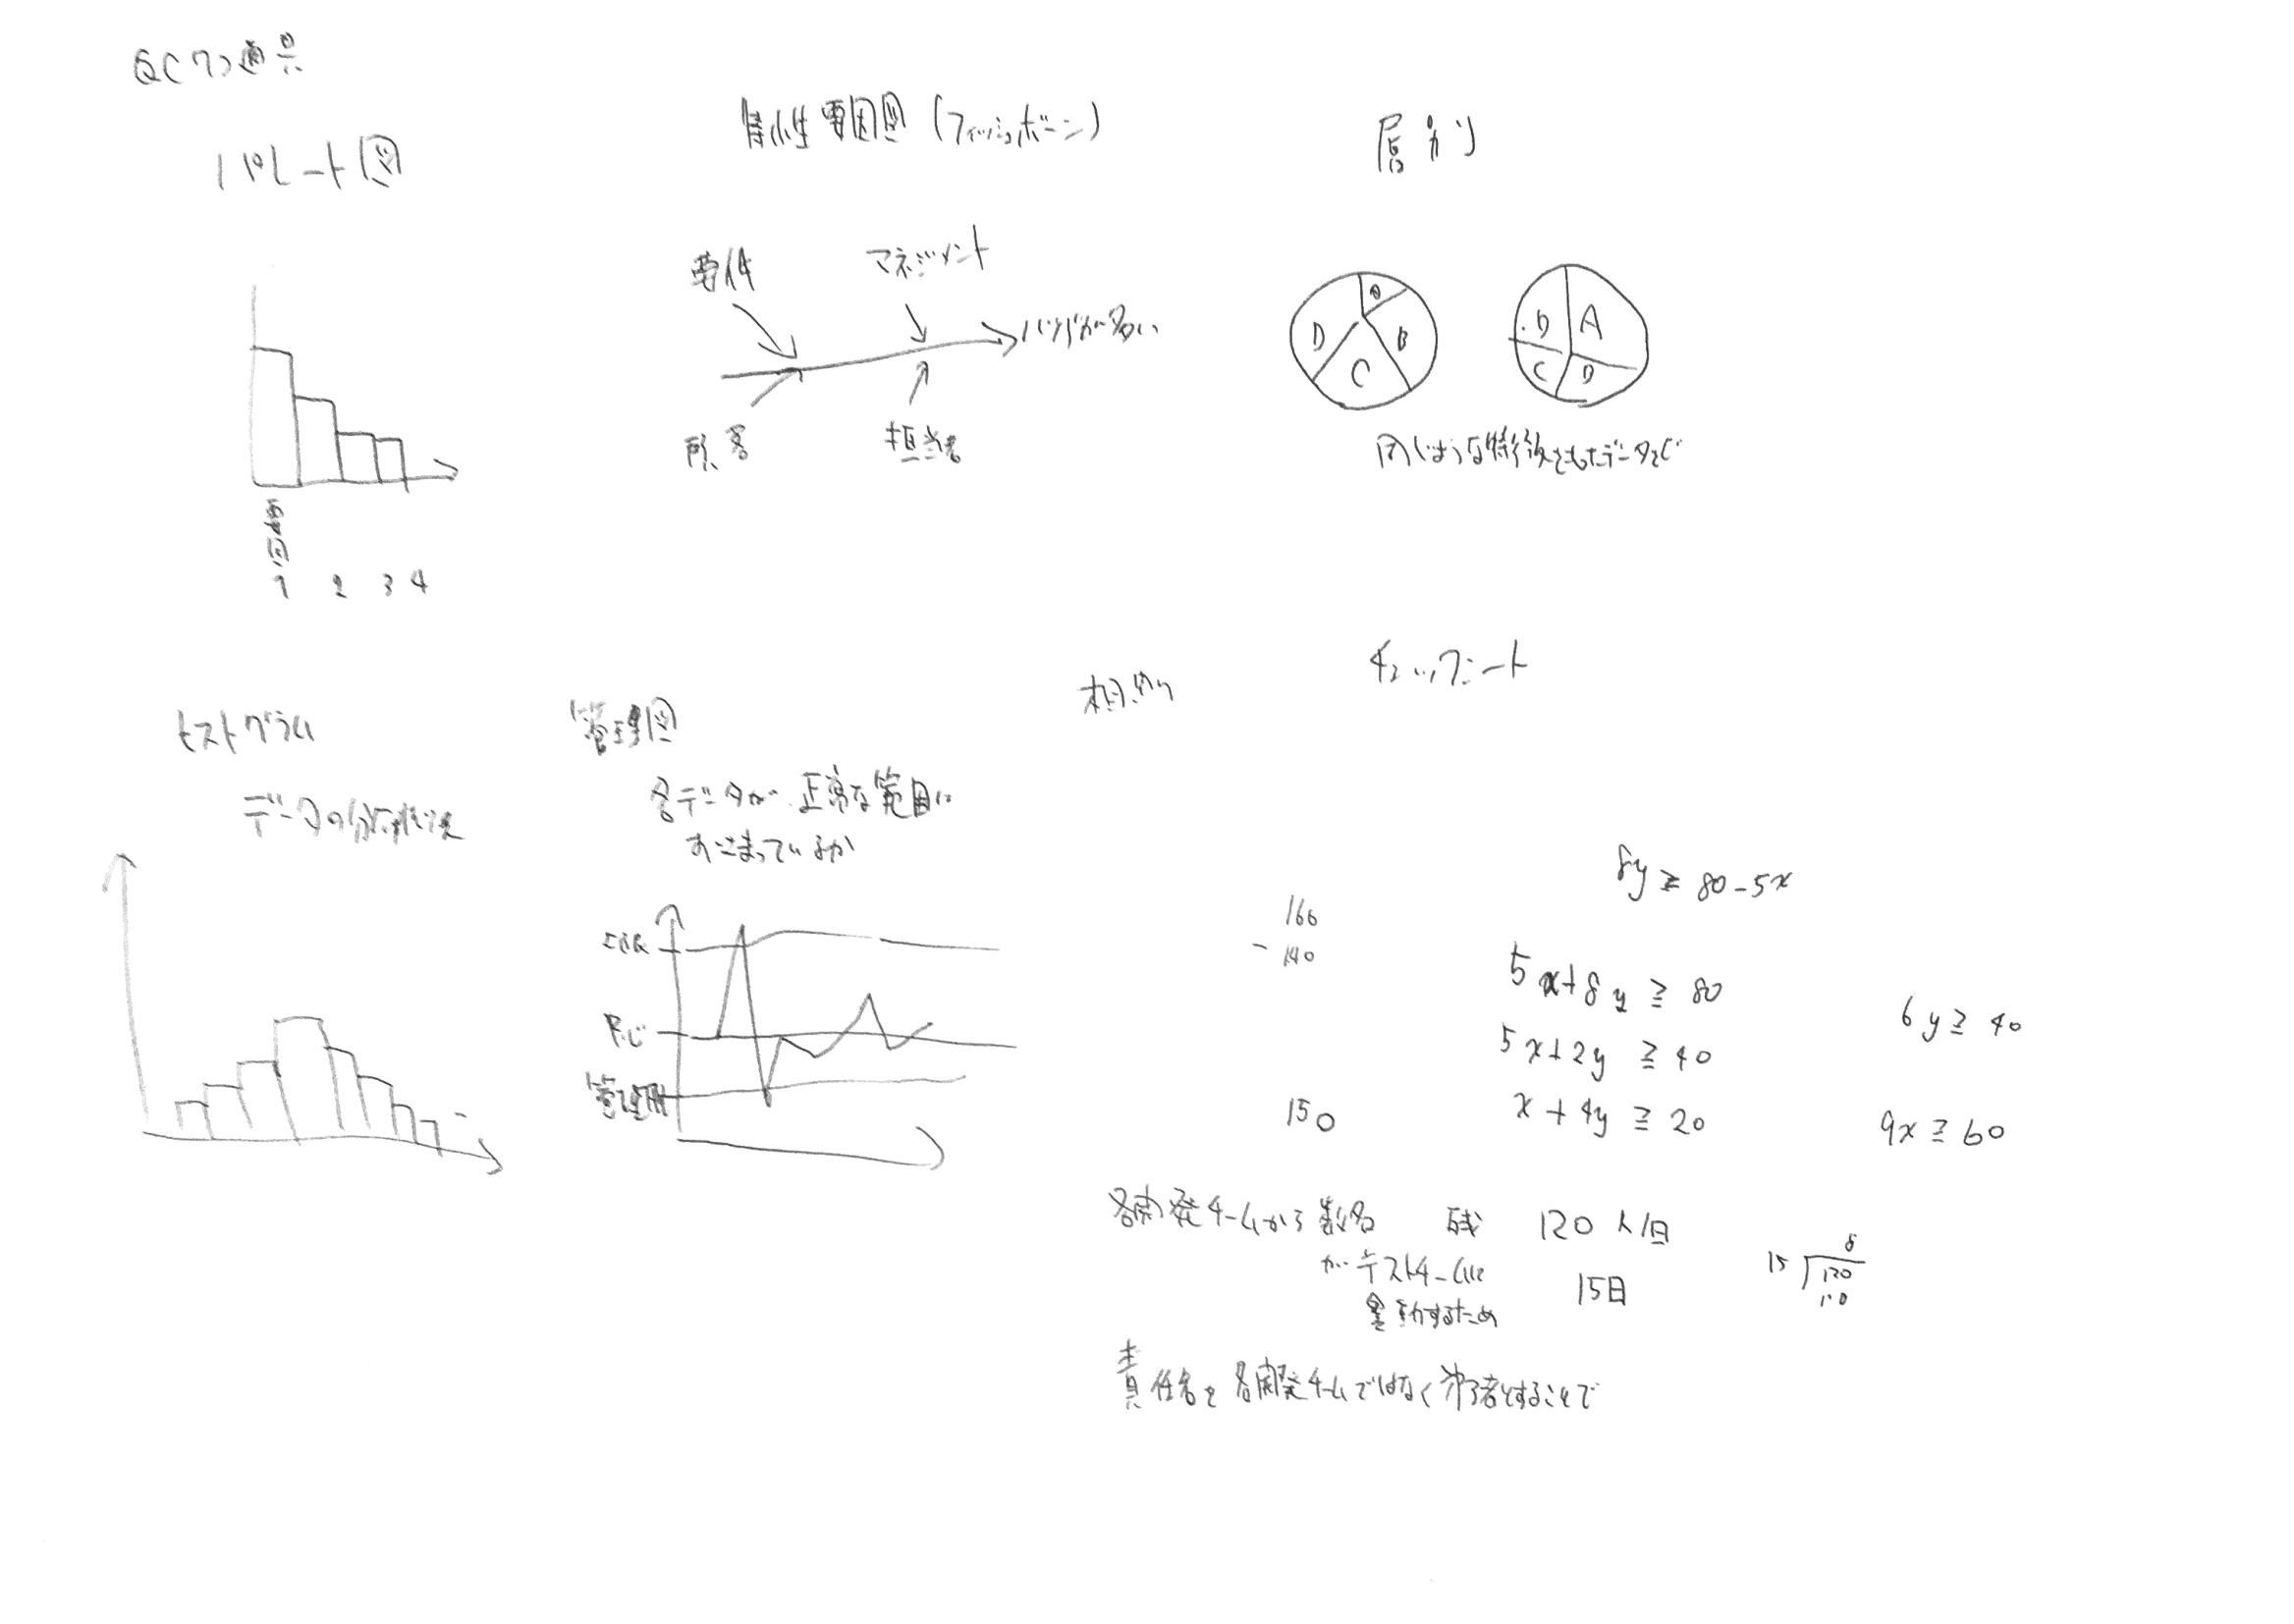 プロジェクトマネージャ試験_筆記-6.png